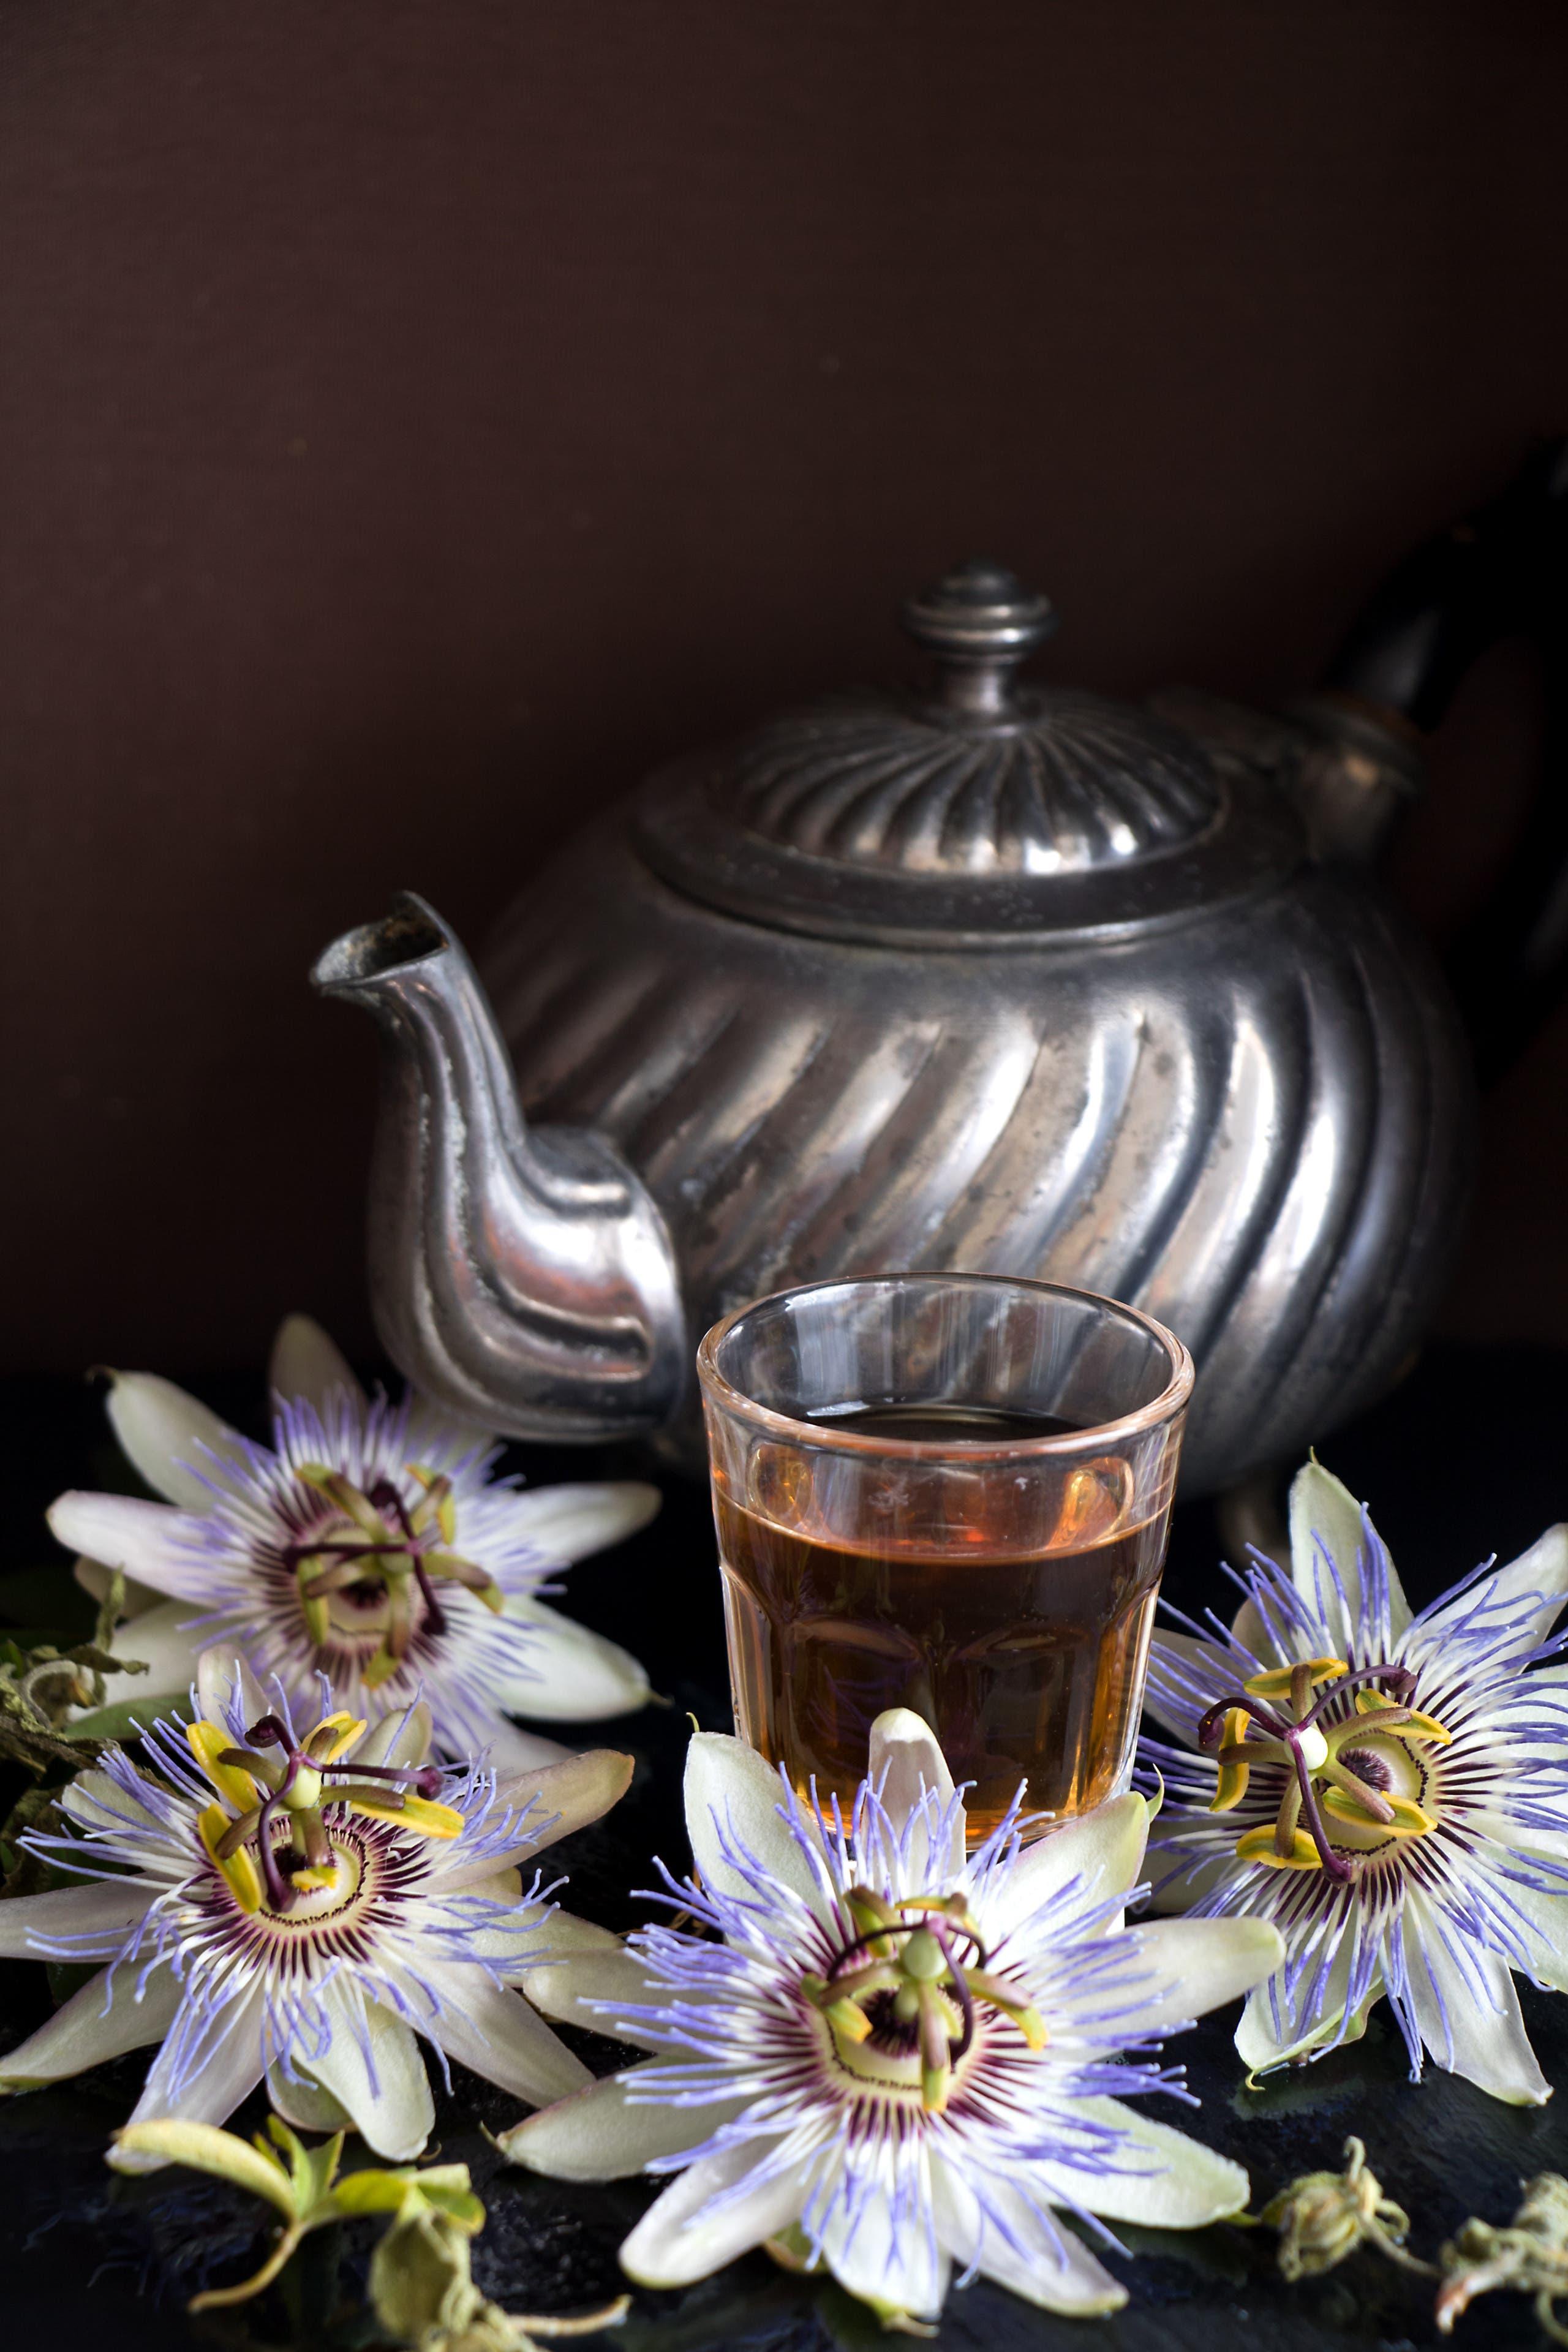 شاي زهرة الآلام (شترستوك)